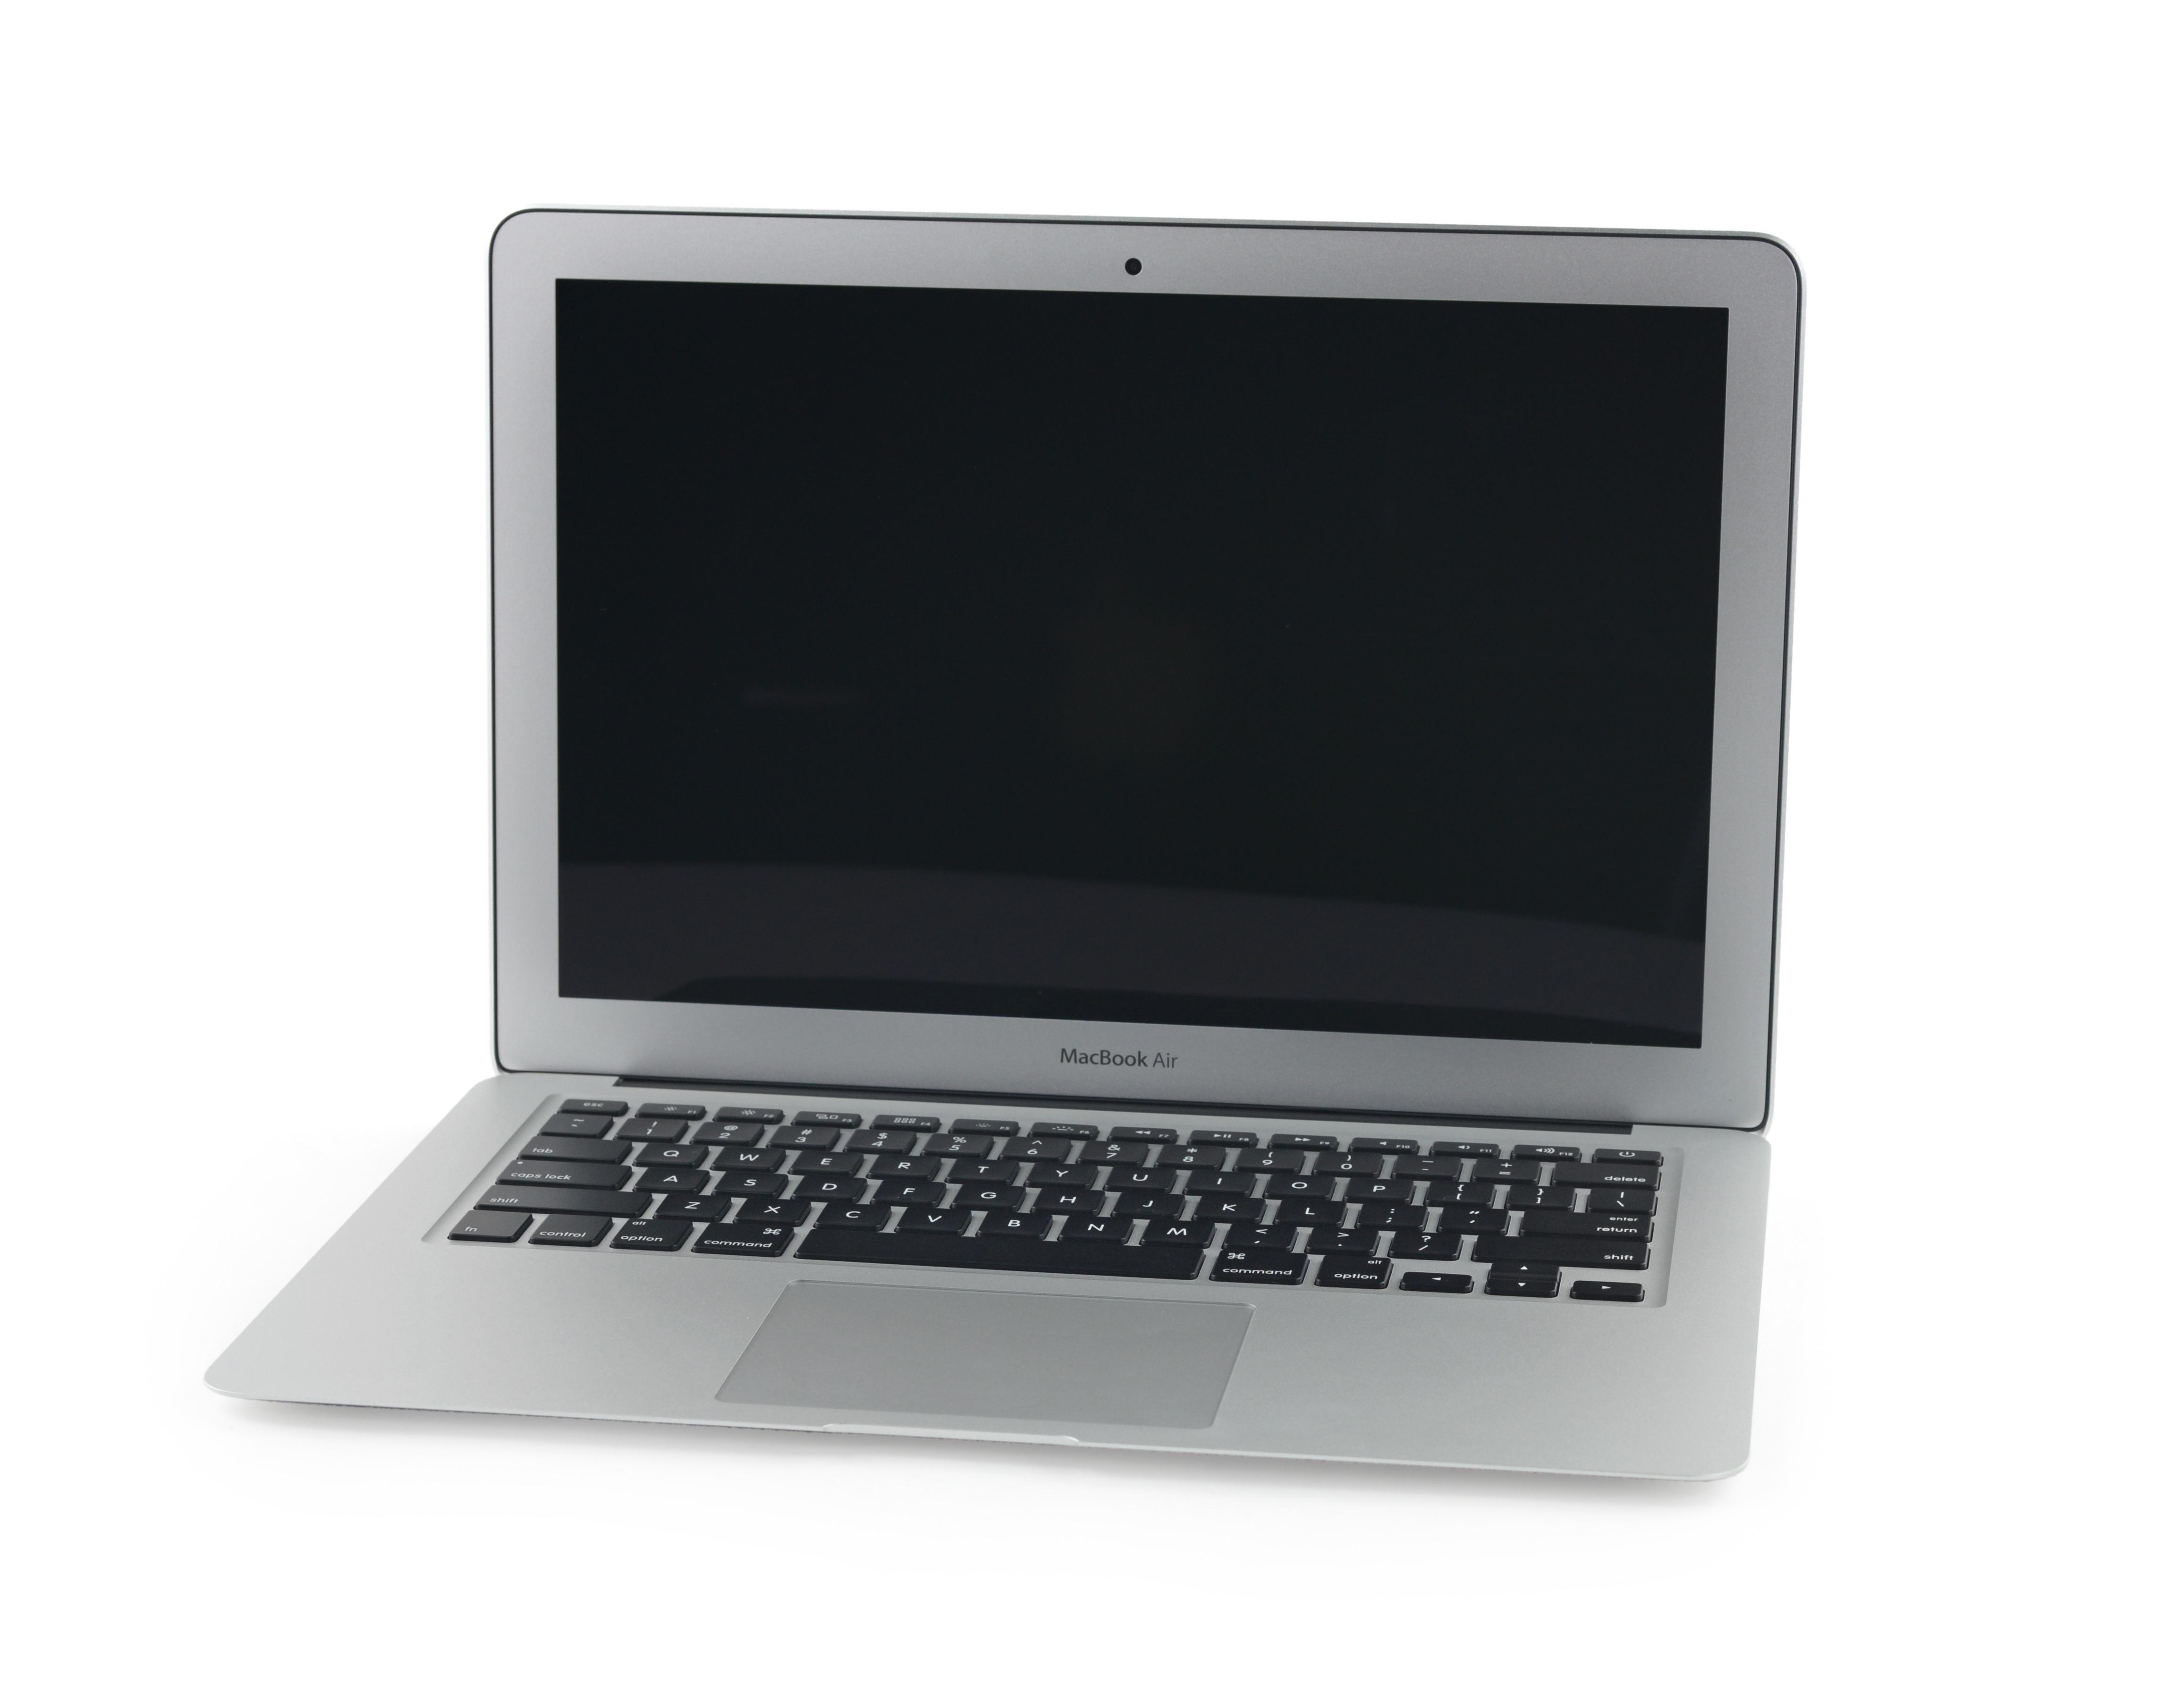 macbook pro user guide 2017 pdf